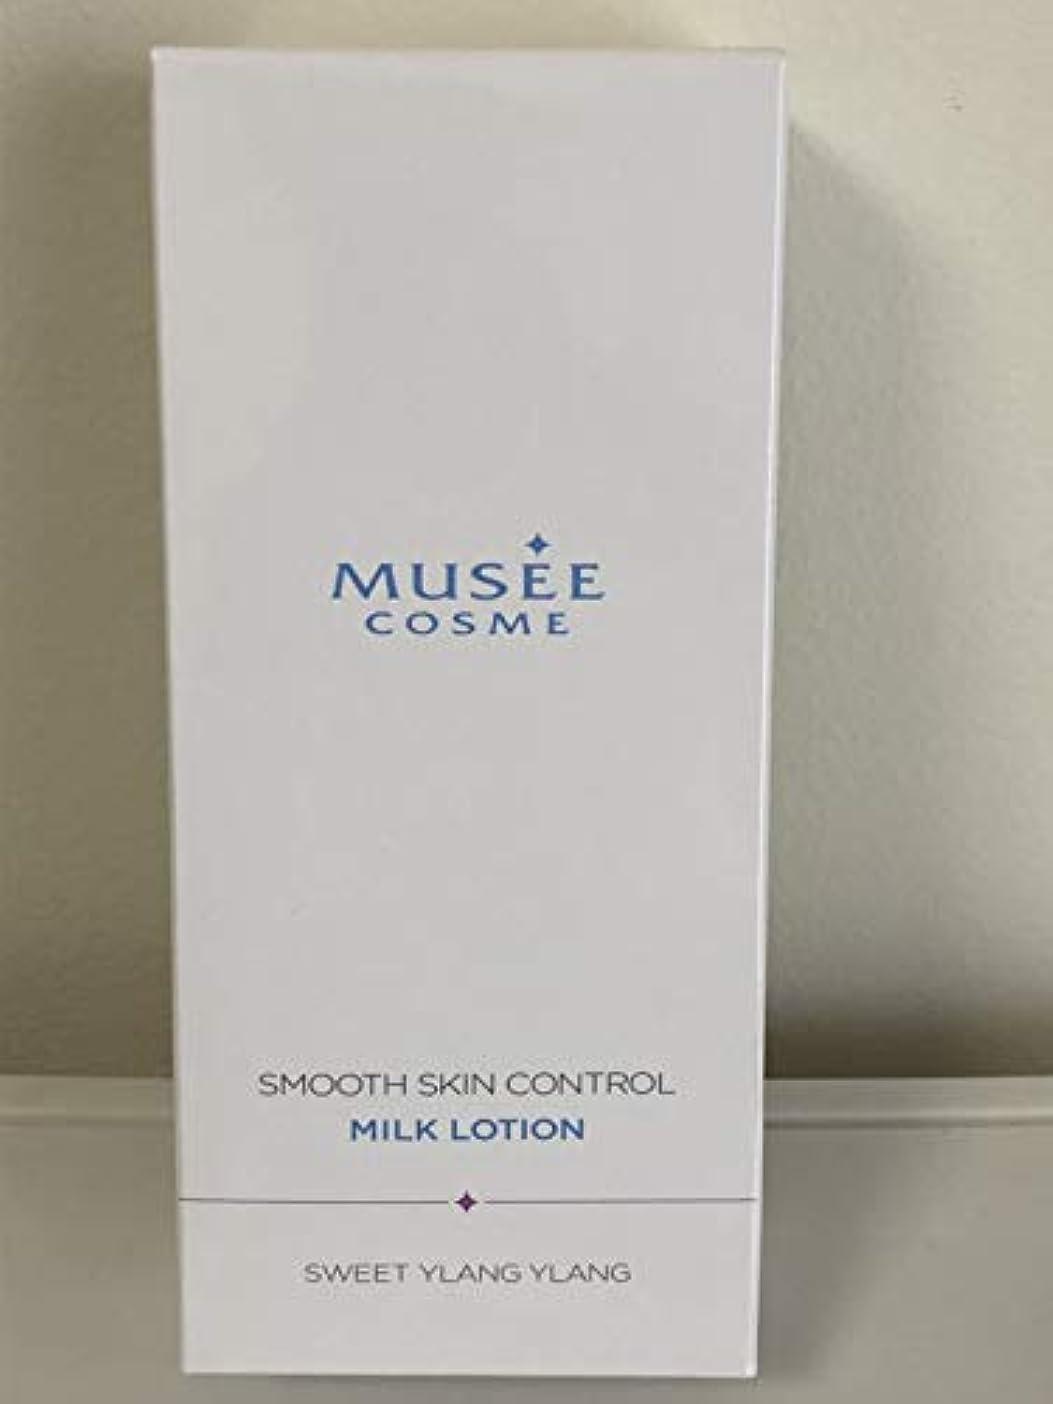 一族意味息切れミュゼコスメ 薬用スムーススキンコントロール ミルクローション 300mL スイートイランイランの香り